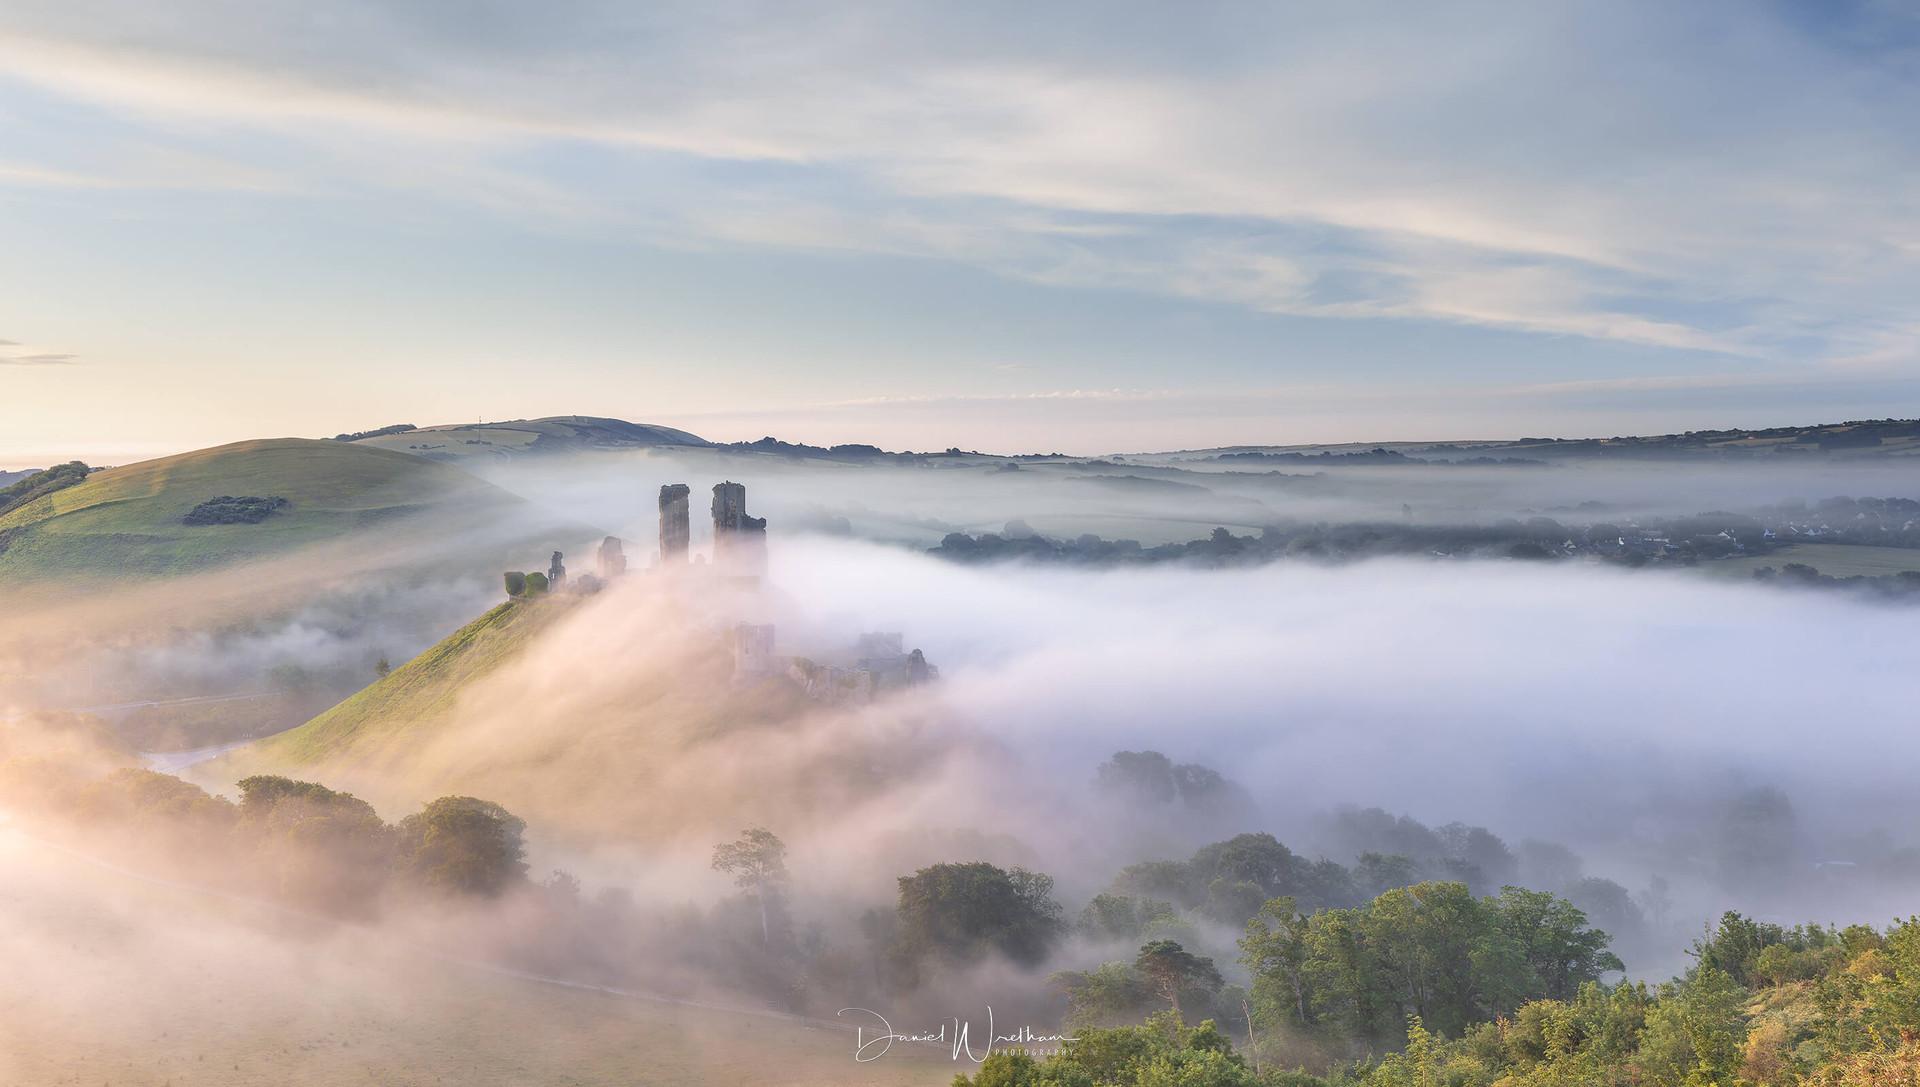 Corfe Castle Misty Panorama